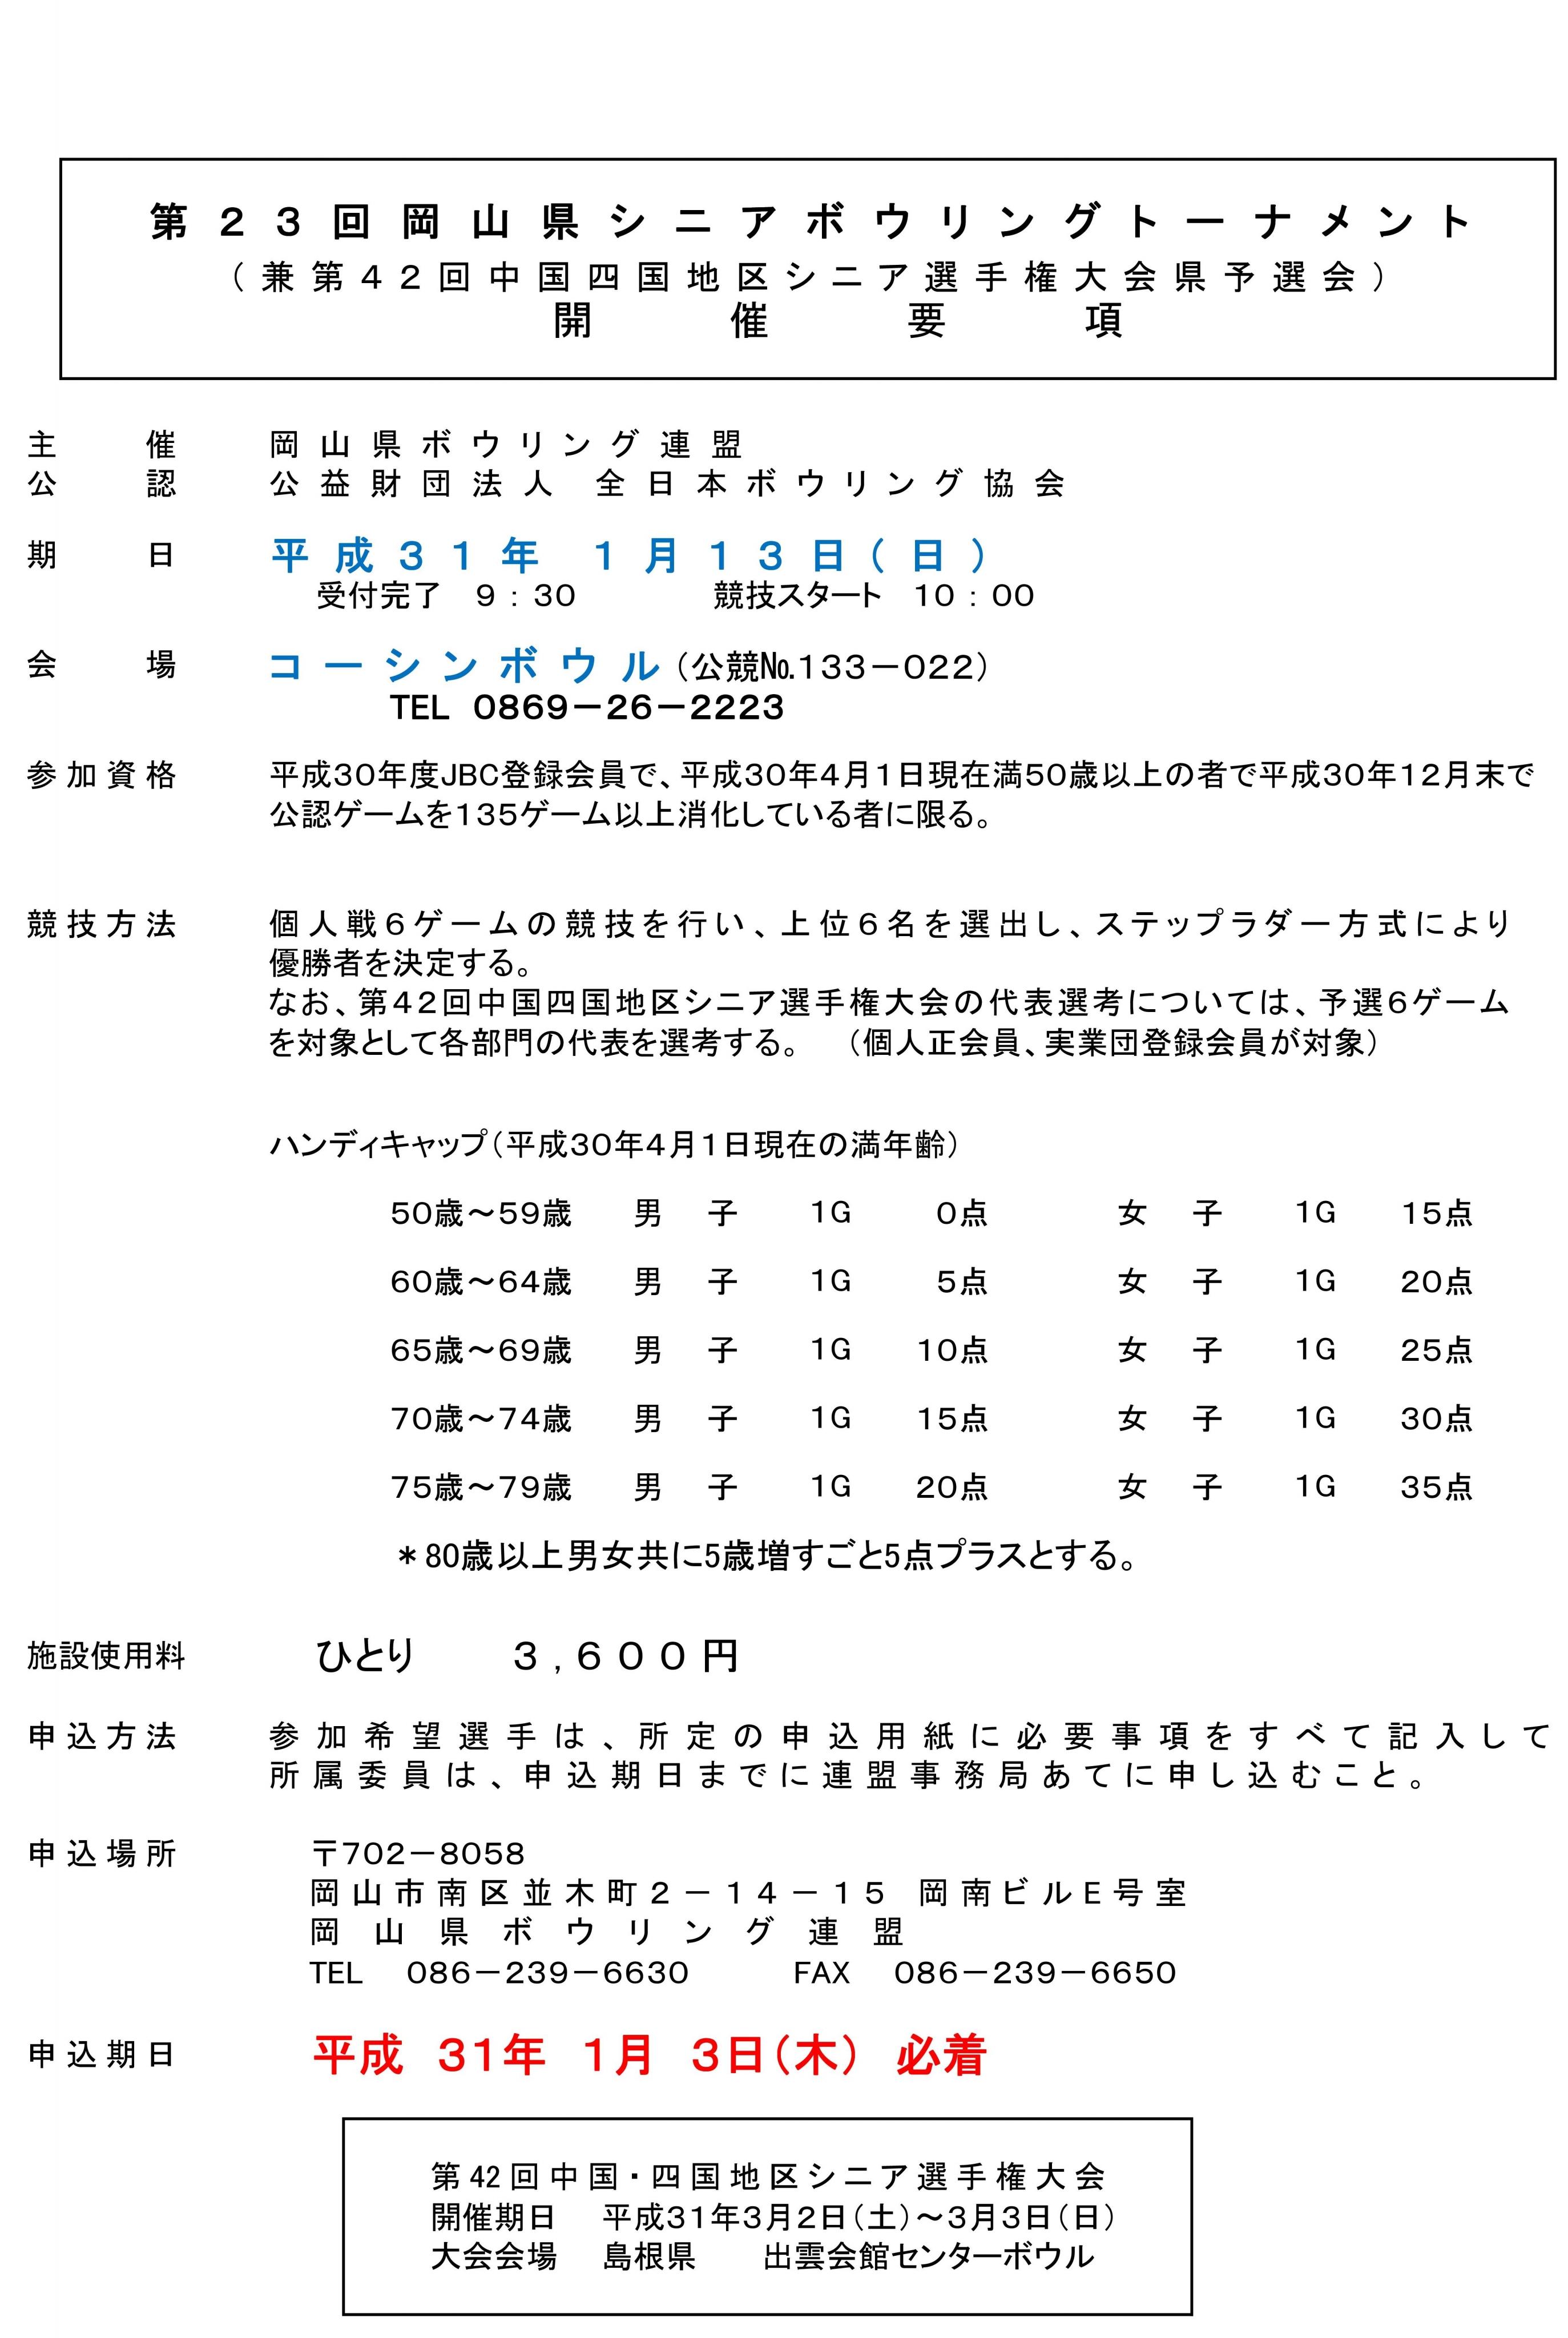 27.シニアトーナメント.jpg